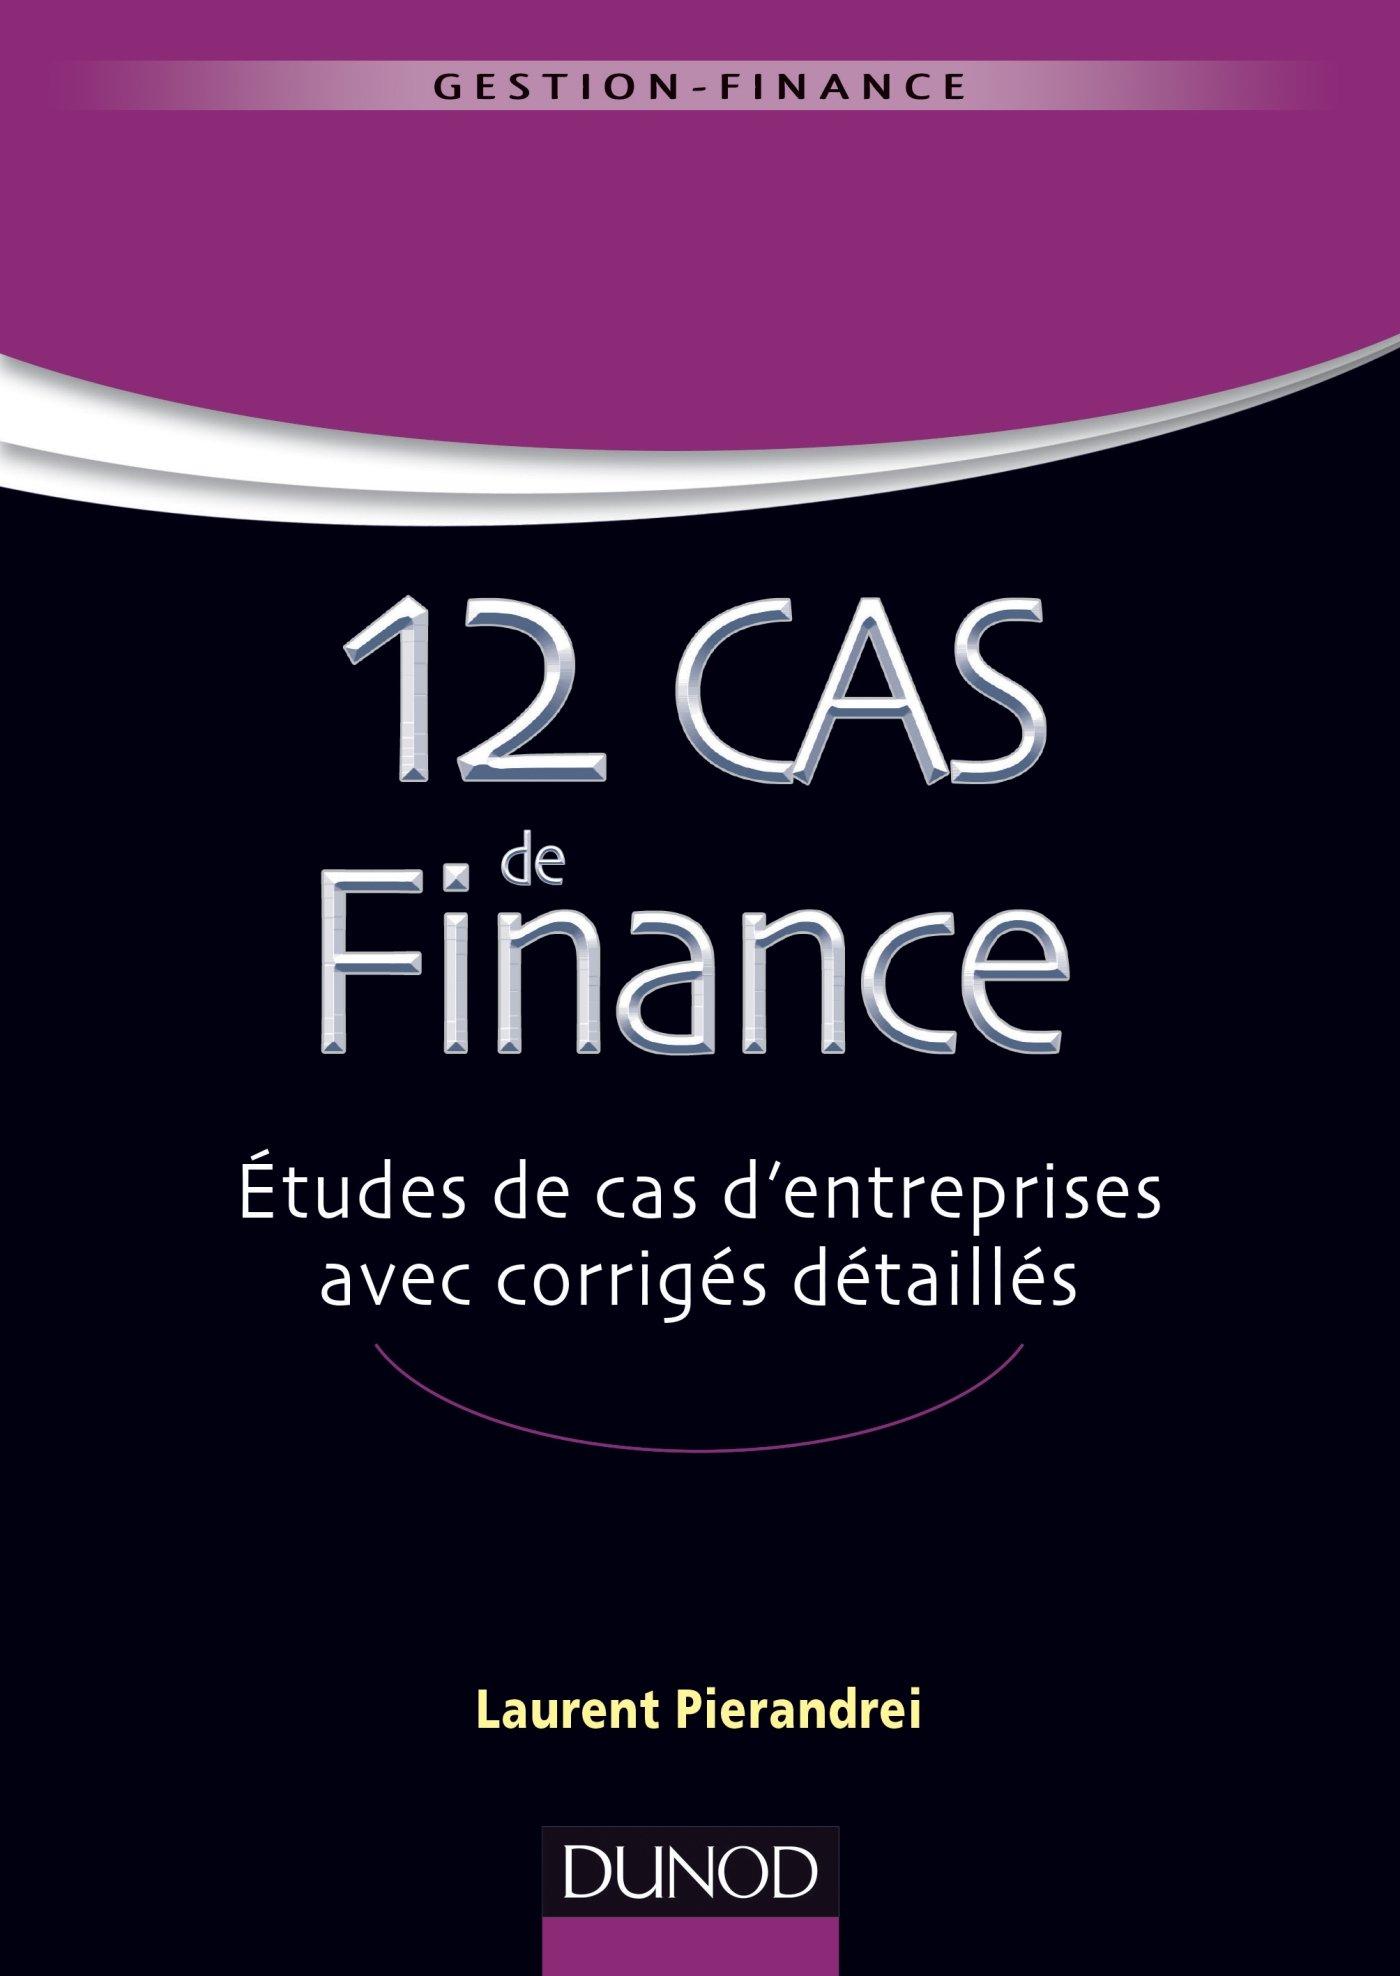 12 cas de finance. Etudes de cas d'entreprises avec corrigés détaillés Broché – 30 avril 2014 Laurent Pierandrei Dunod 2100708880 Comptabilité